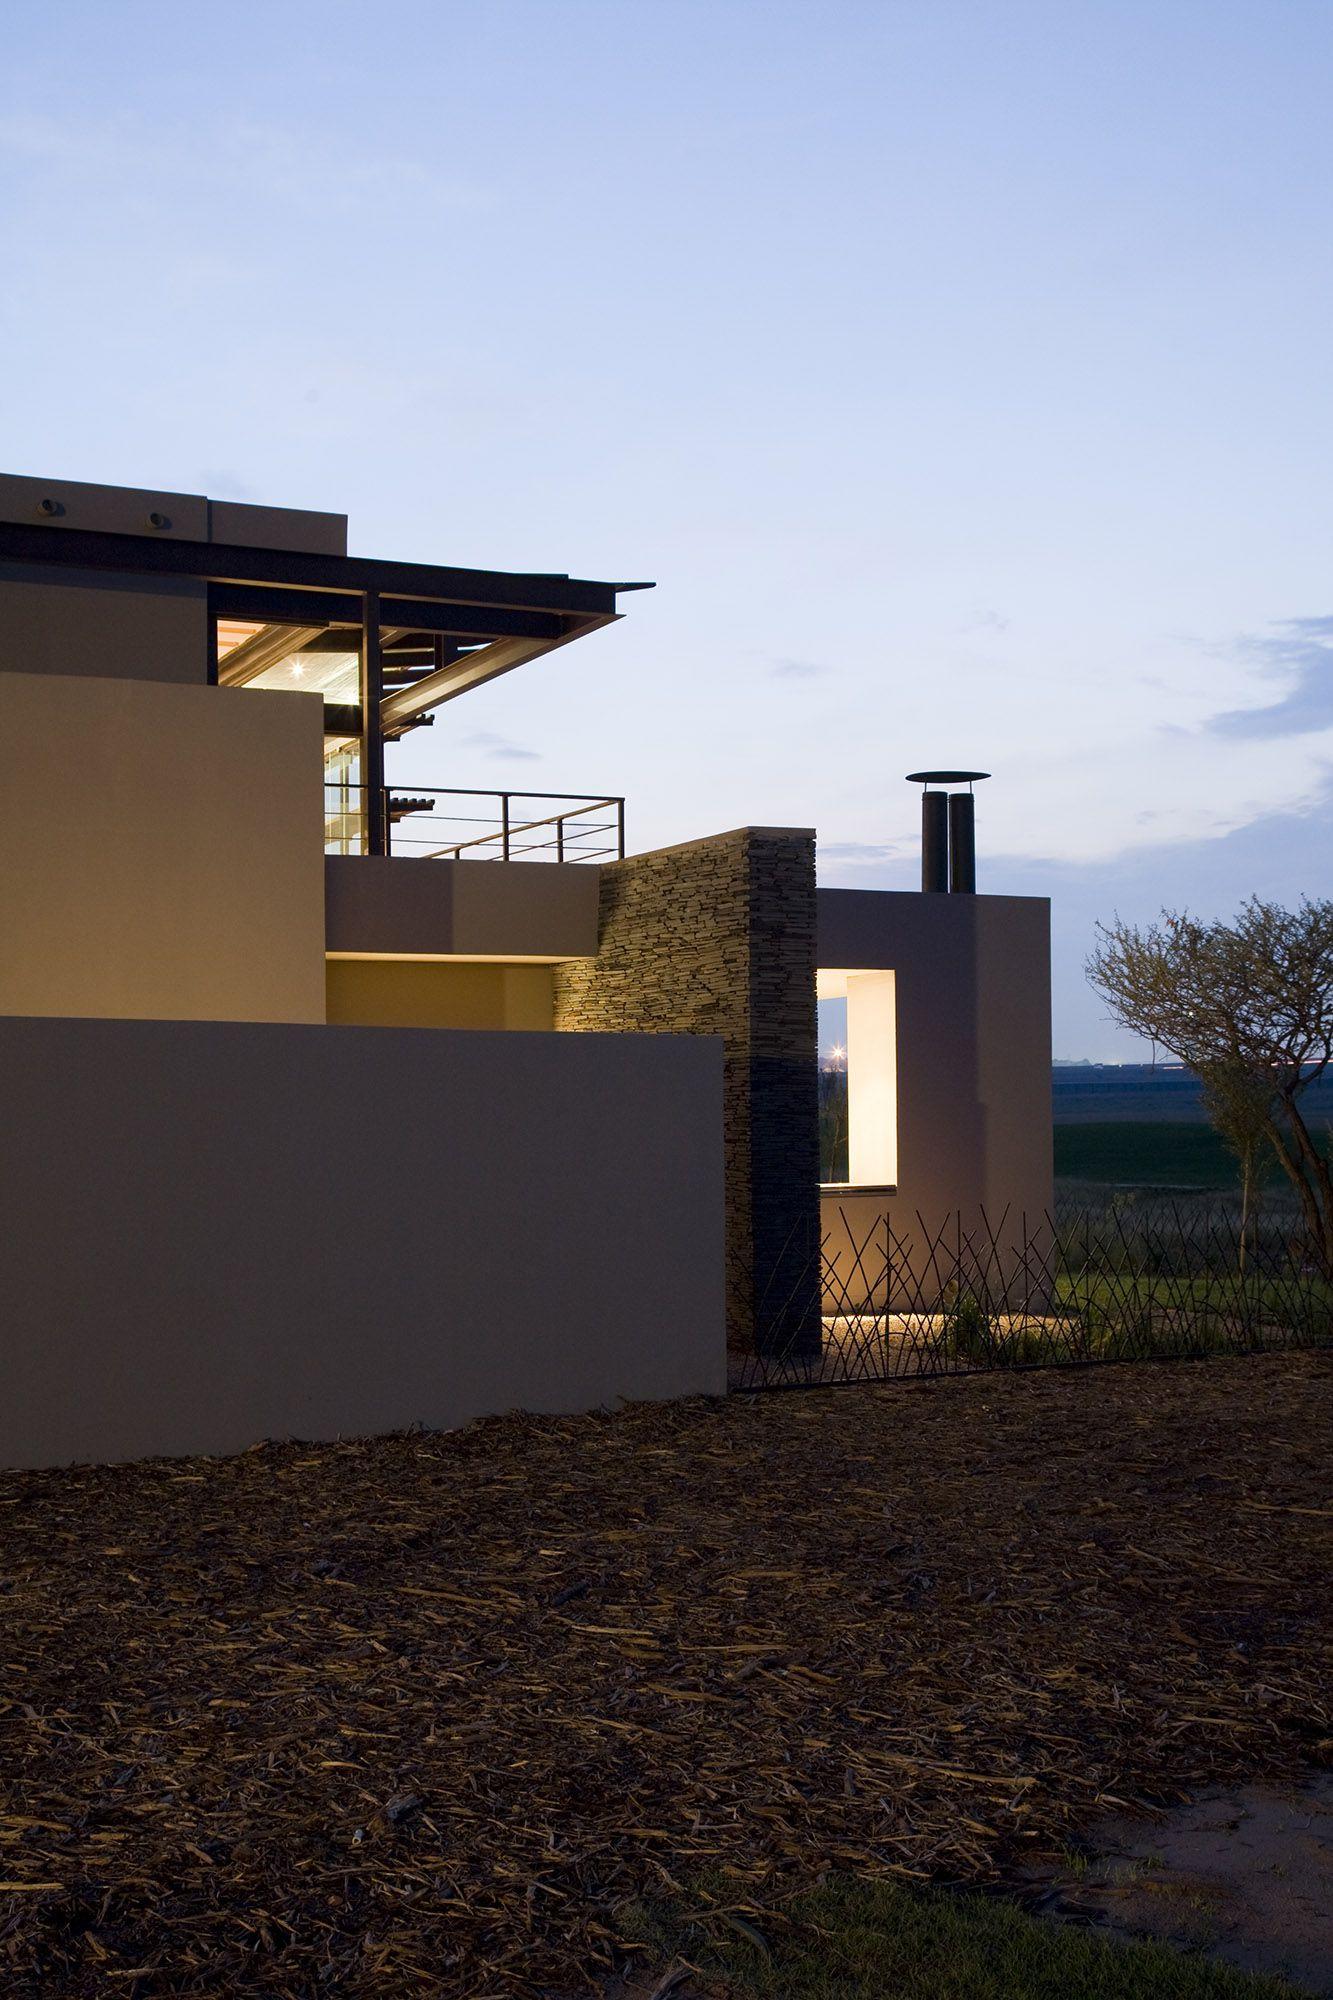 Serengeti Designed by Rudolph van der Meulen 206